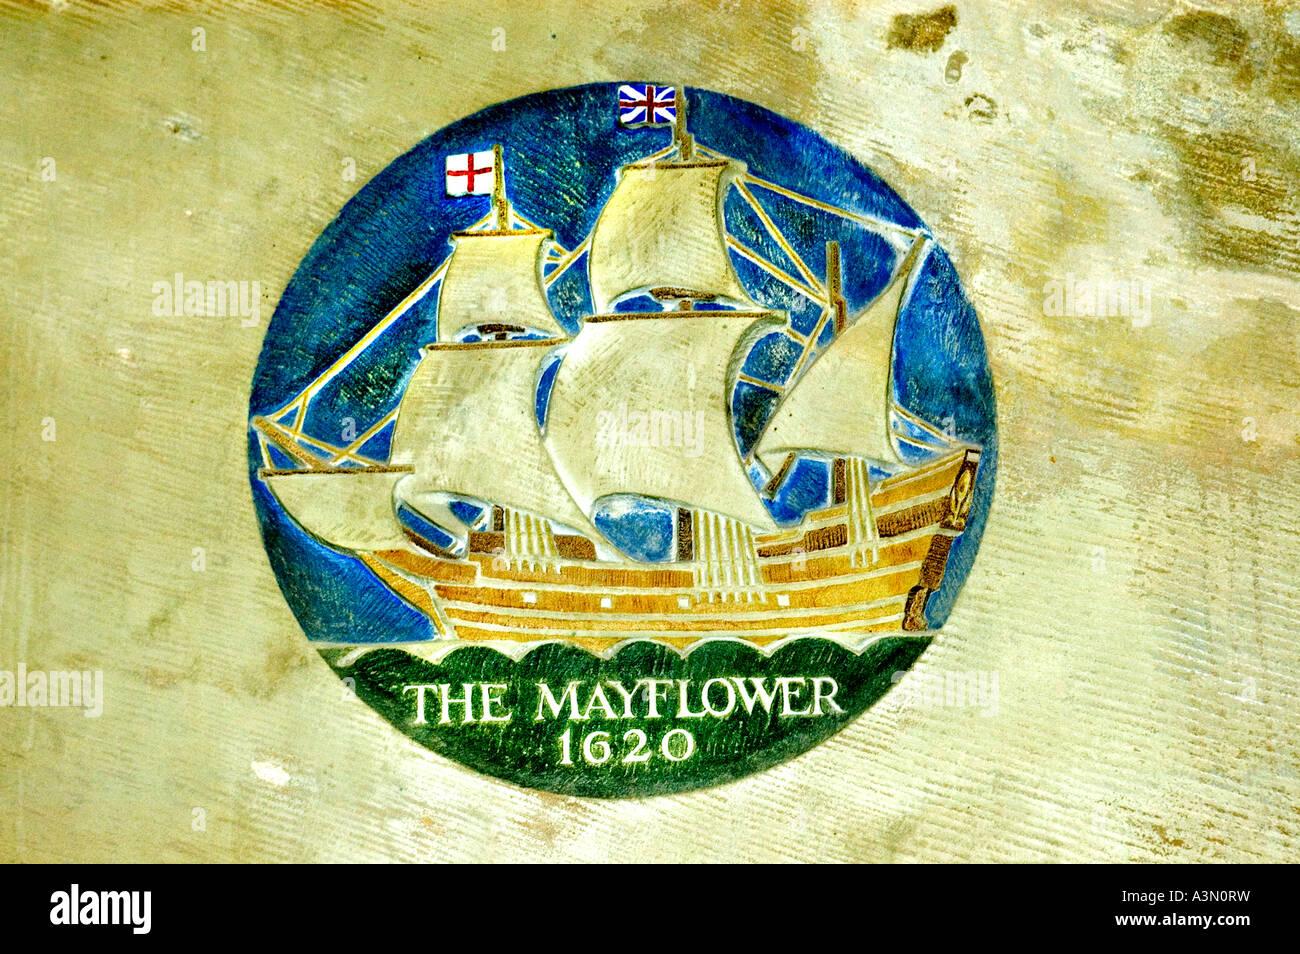 John Robinson Pastor Pilgerväter Pilger Vater Leiden Mayflower Pieterskerk (St.-Petri Kirche) Stockbild